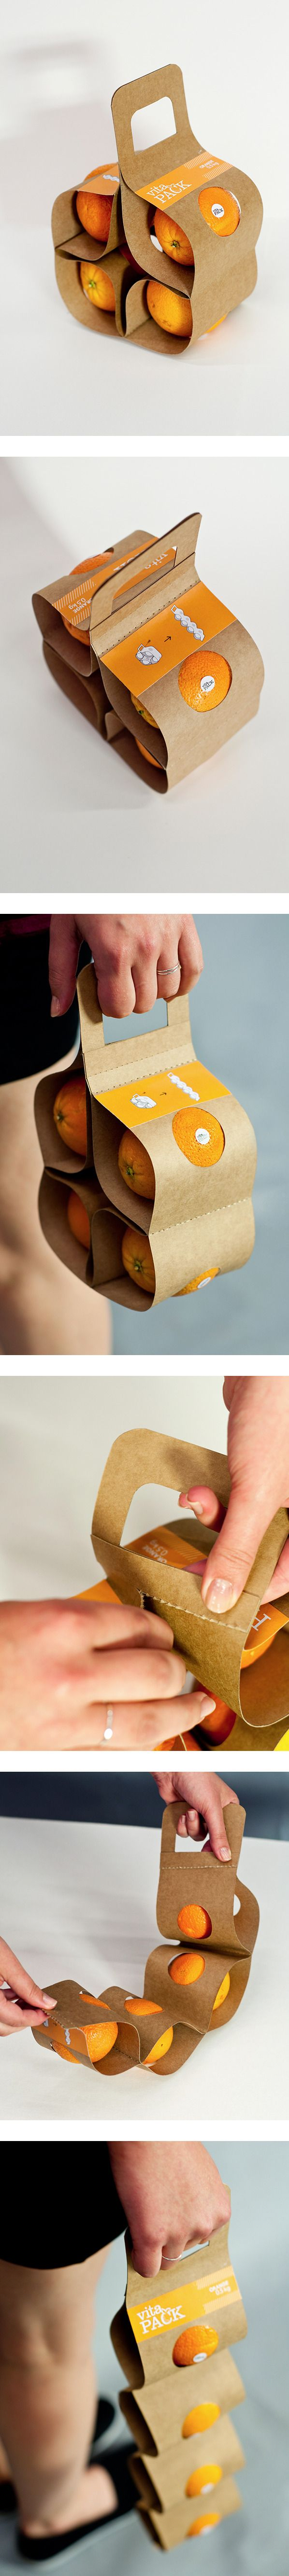 橘子! 很可愛的包裝方式  VitaPack by Ágnes Gyömrei